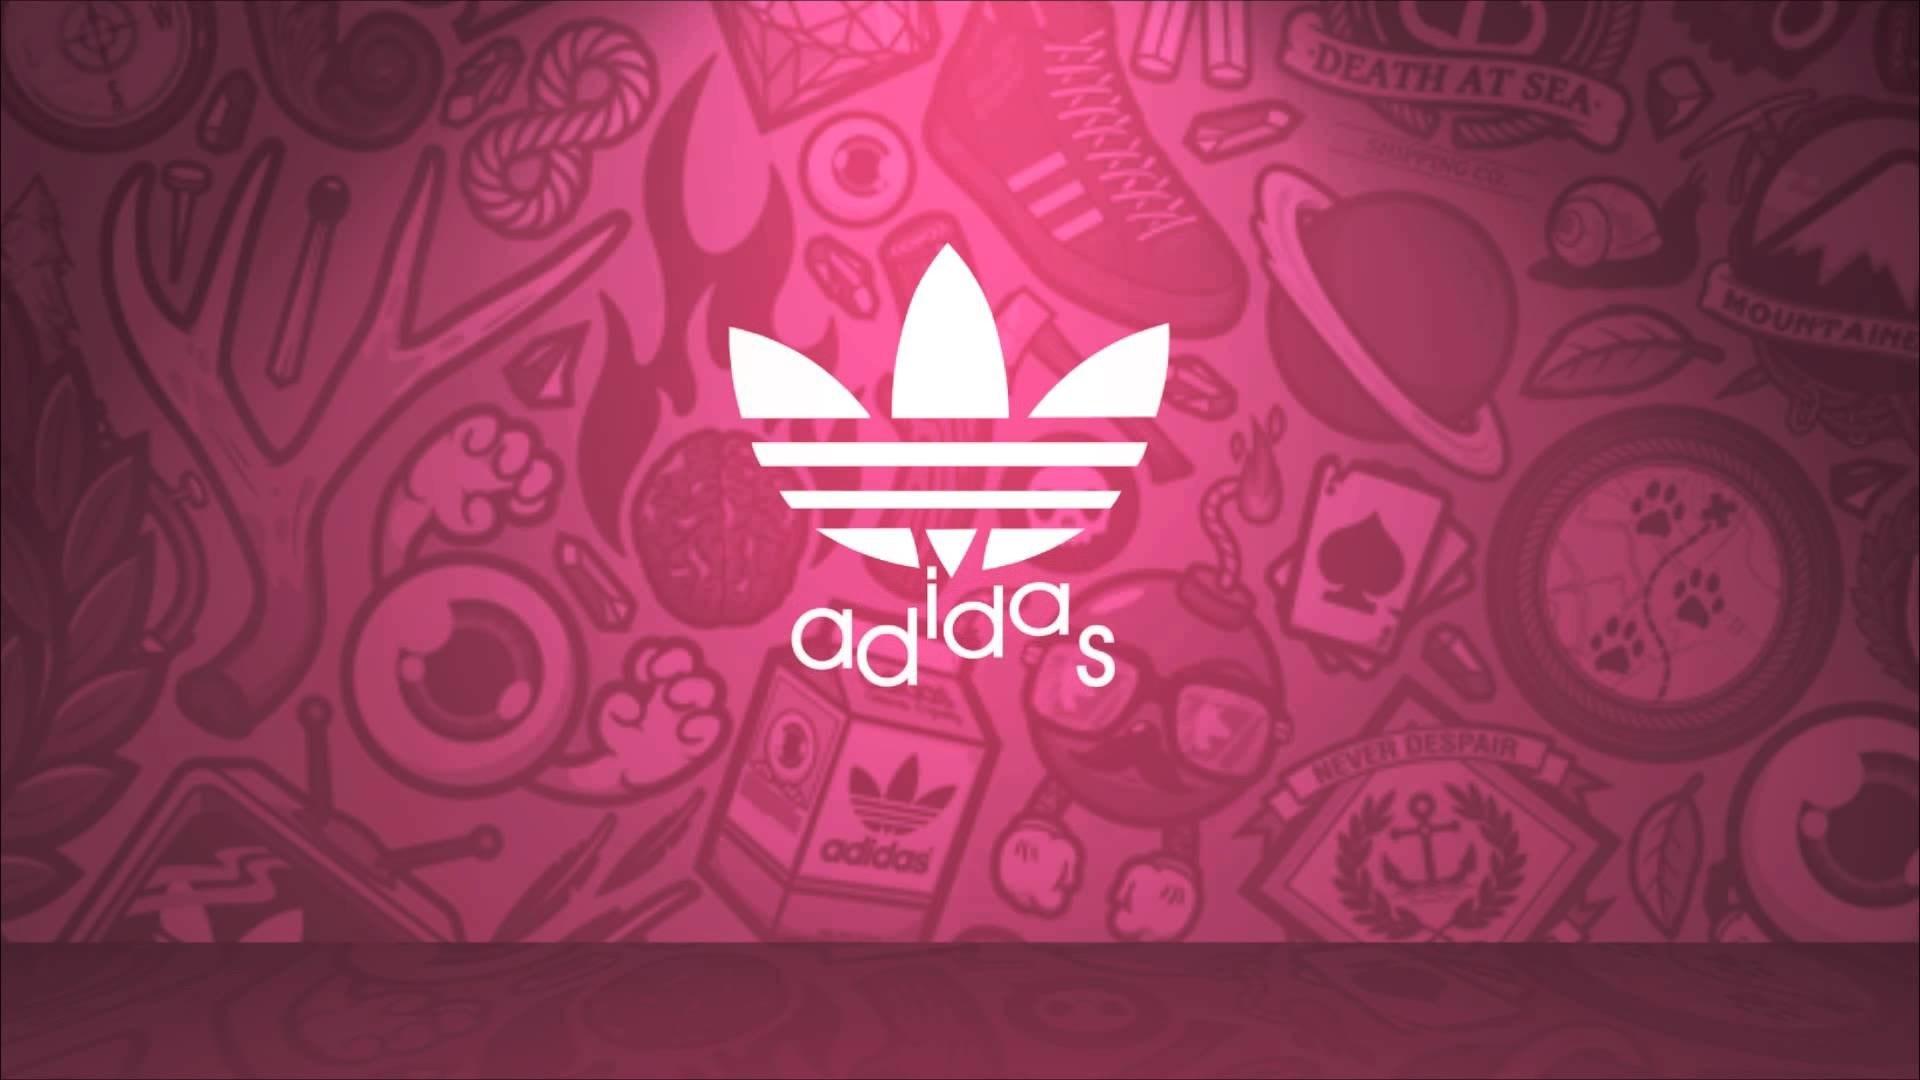 Adidas Pink Wallpaper Desktop , HD Wallpaper & Backgrounds